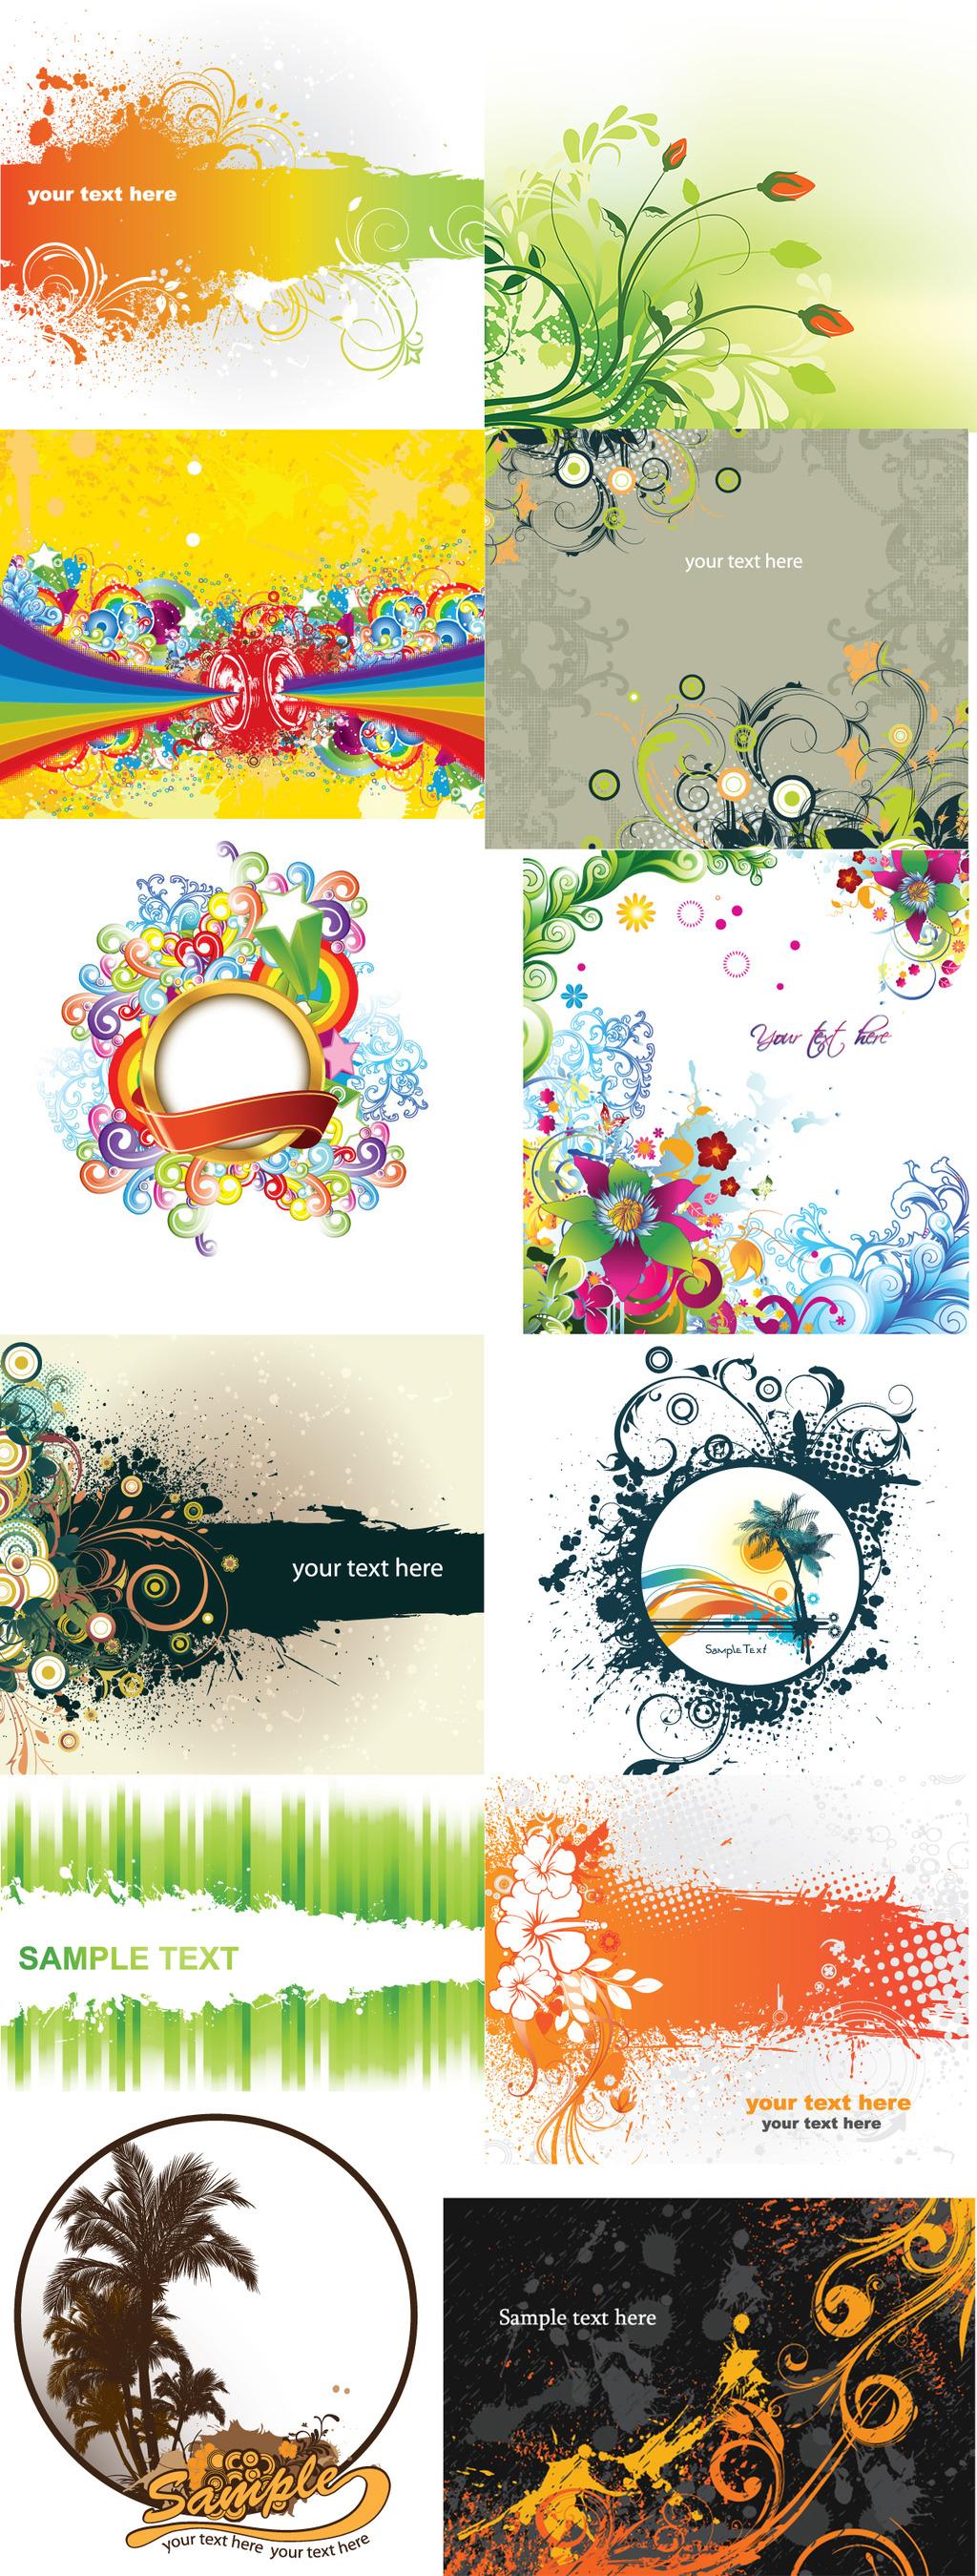 欧式手绘七彩彩色绚丽花纹eps矢量图